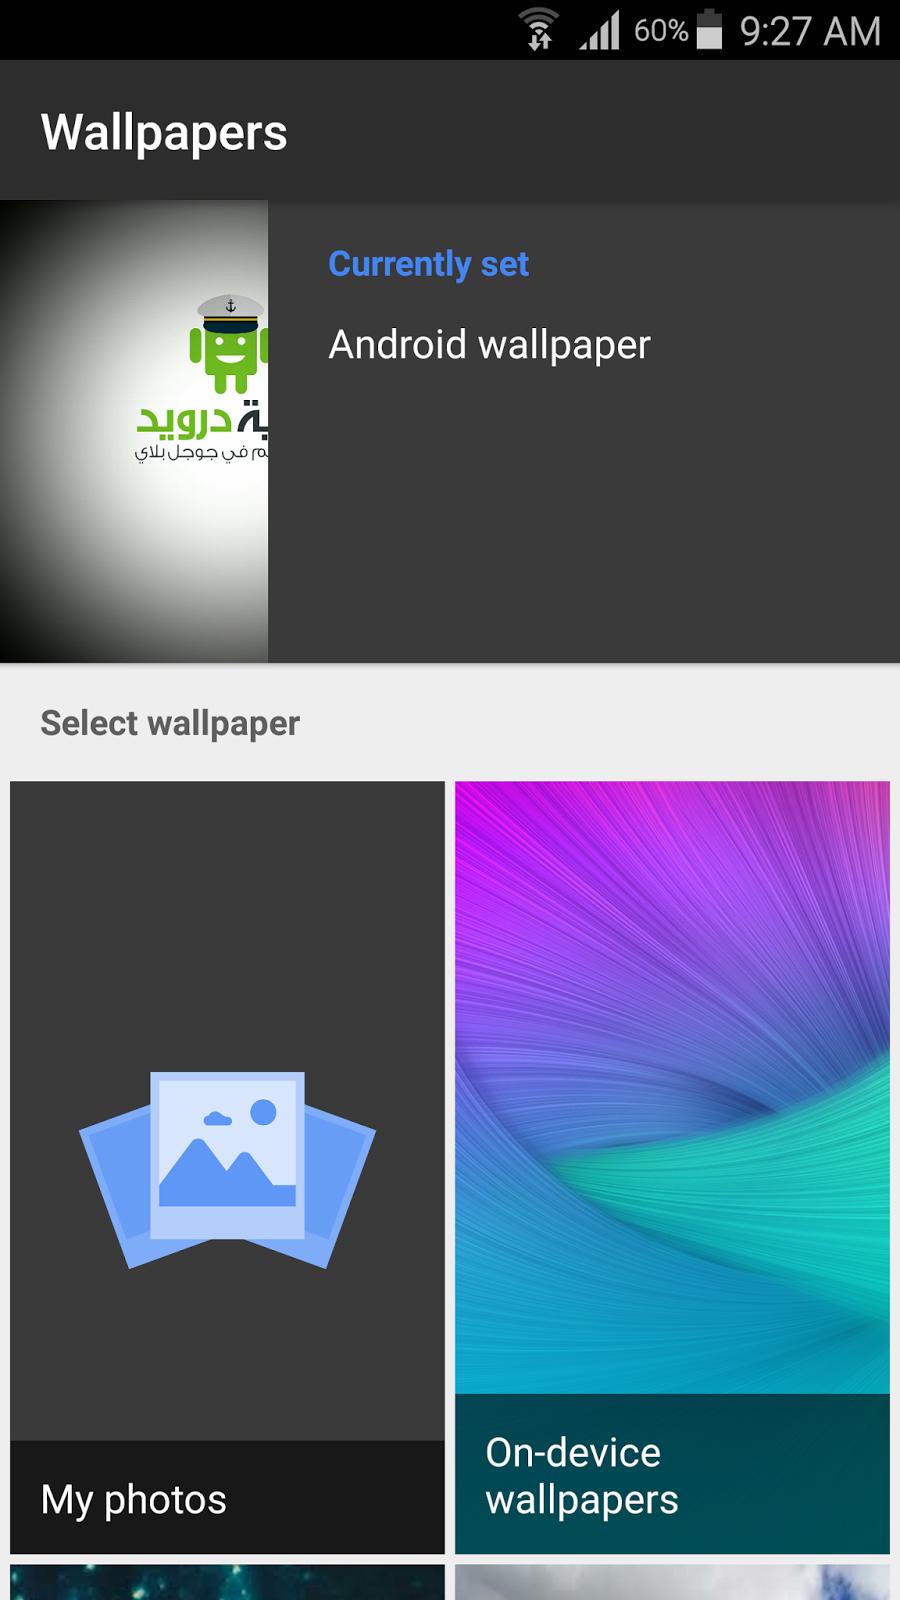 حمل تطبيق خلفيات جوجل Wallpapers متاح للتحميل على جوجل بلاي | بحرية درويد